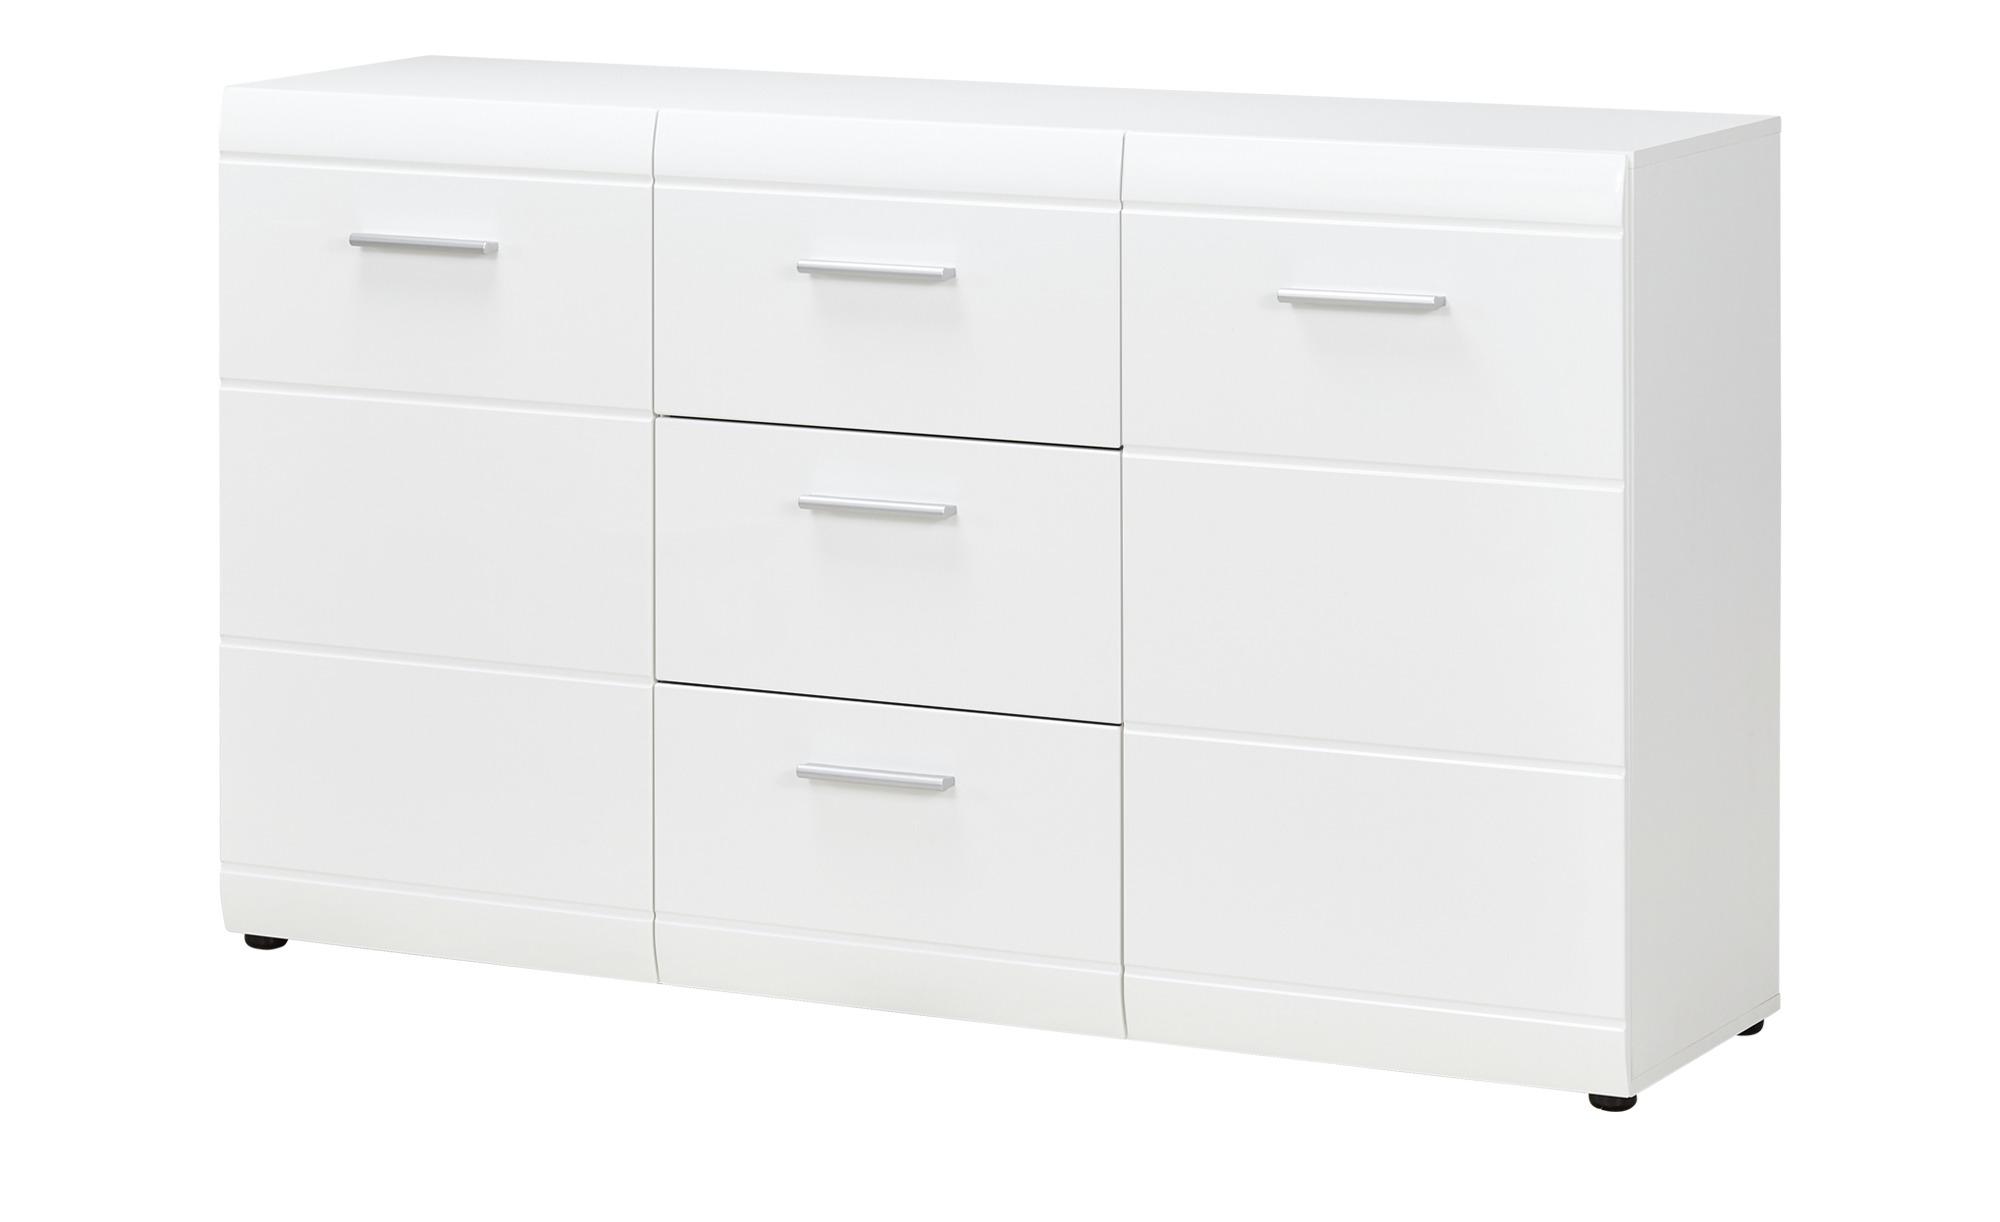 Uno Sideboard AKZENT Breite: 144 Cm Höhe: 86 Cm Weiß